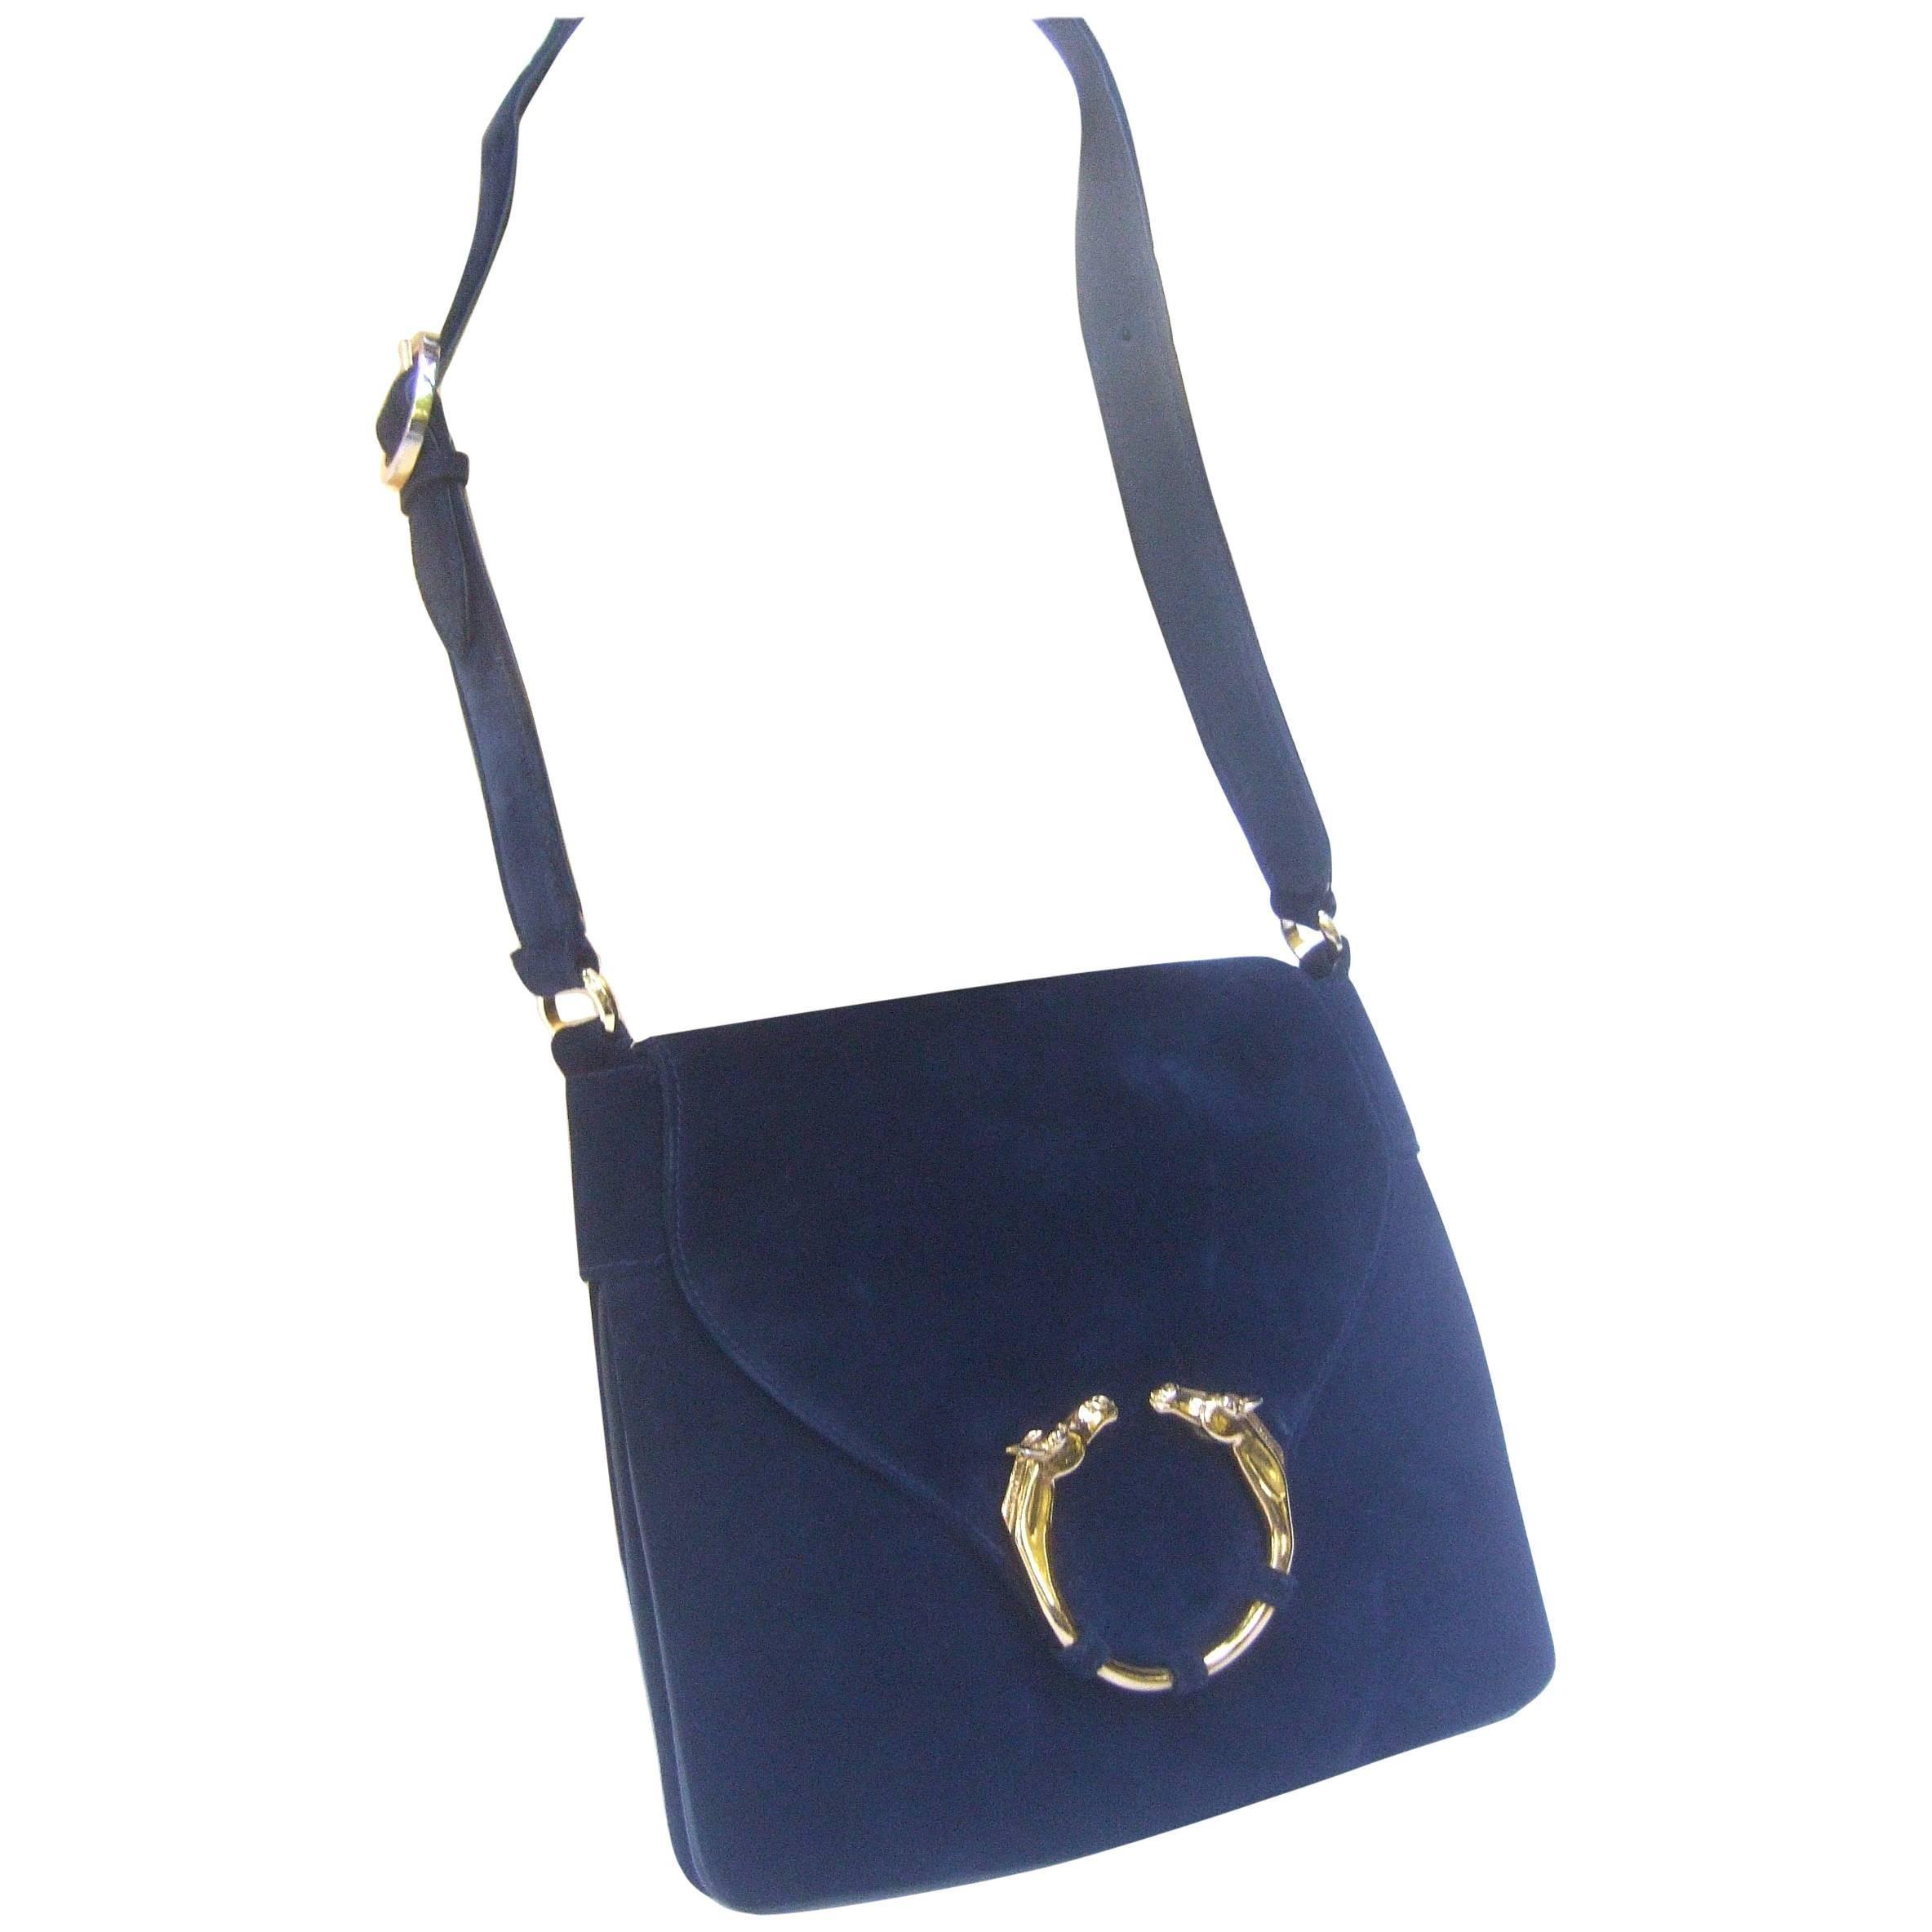 Gucci Rare Midnight Blue Equine Emblem Shoulder Bag c1970s